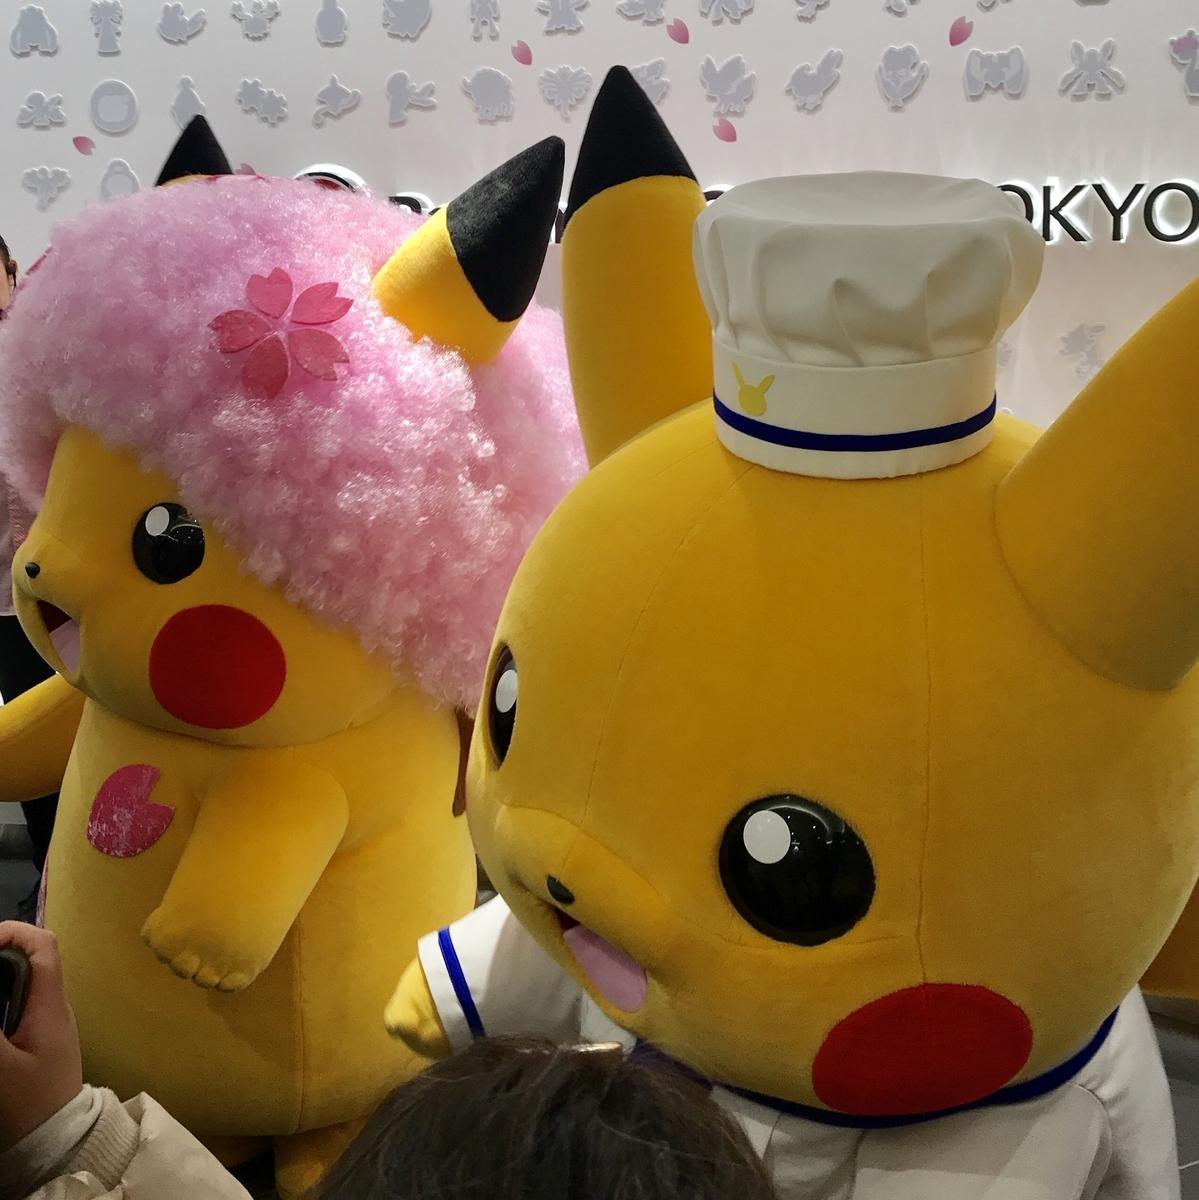 f:id:pikachu_pcn:20190317203732j:plain